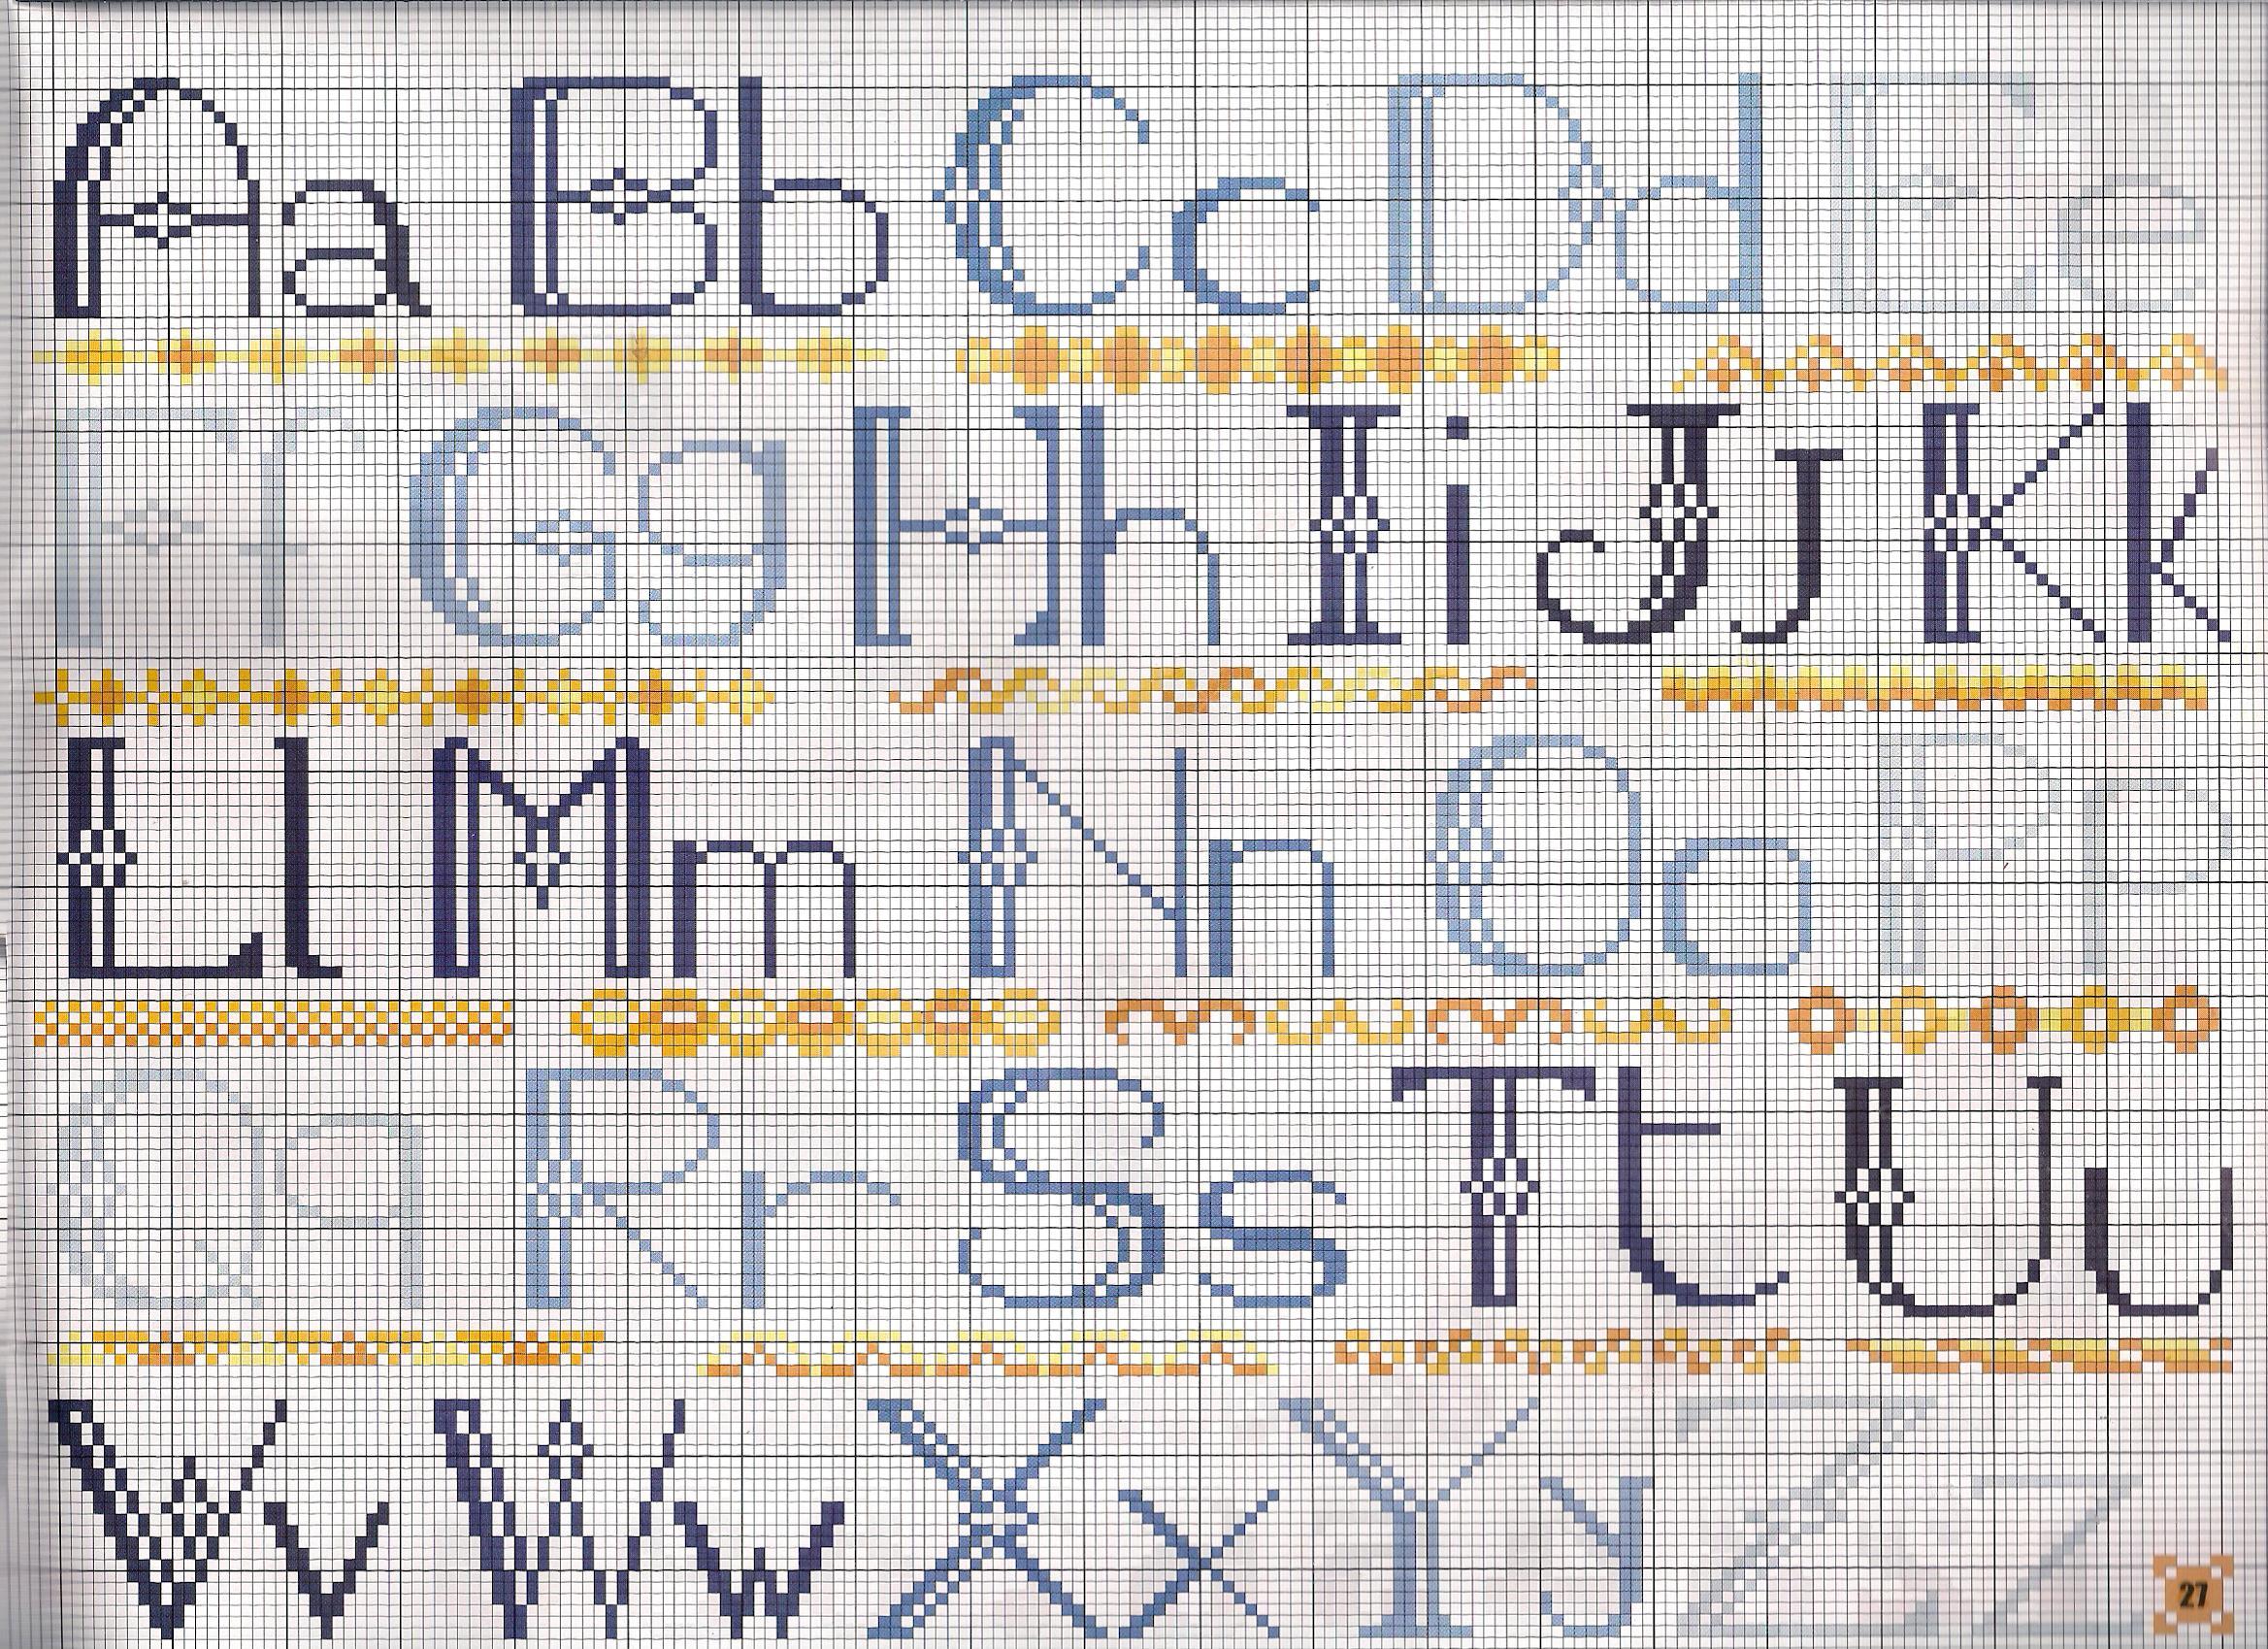 Alfabeto blu punto croce uncinetto schemi for Punto croce schemi alfabeto